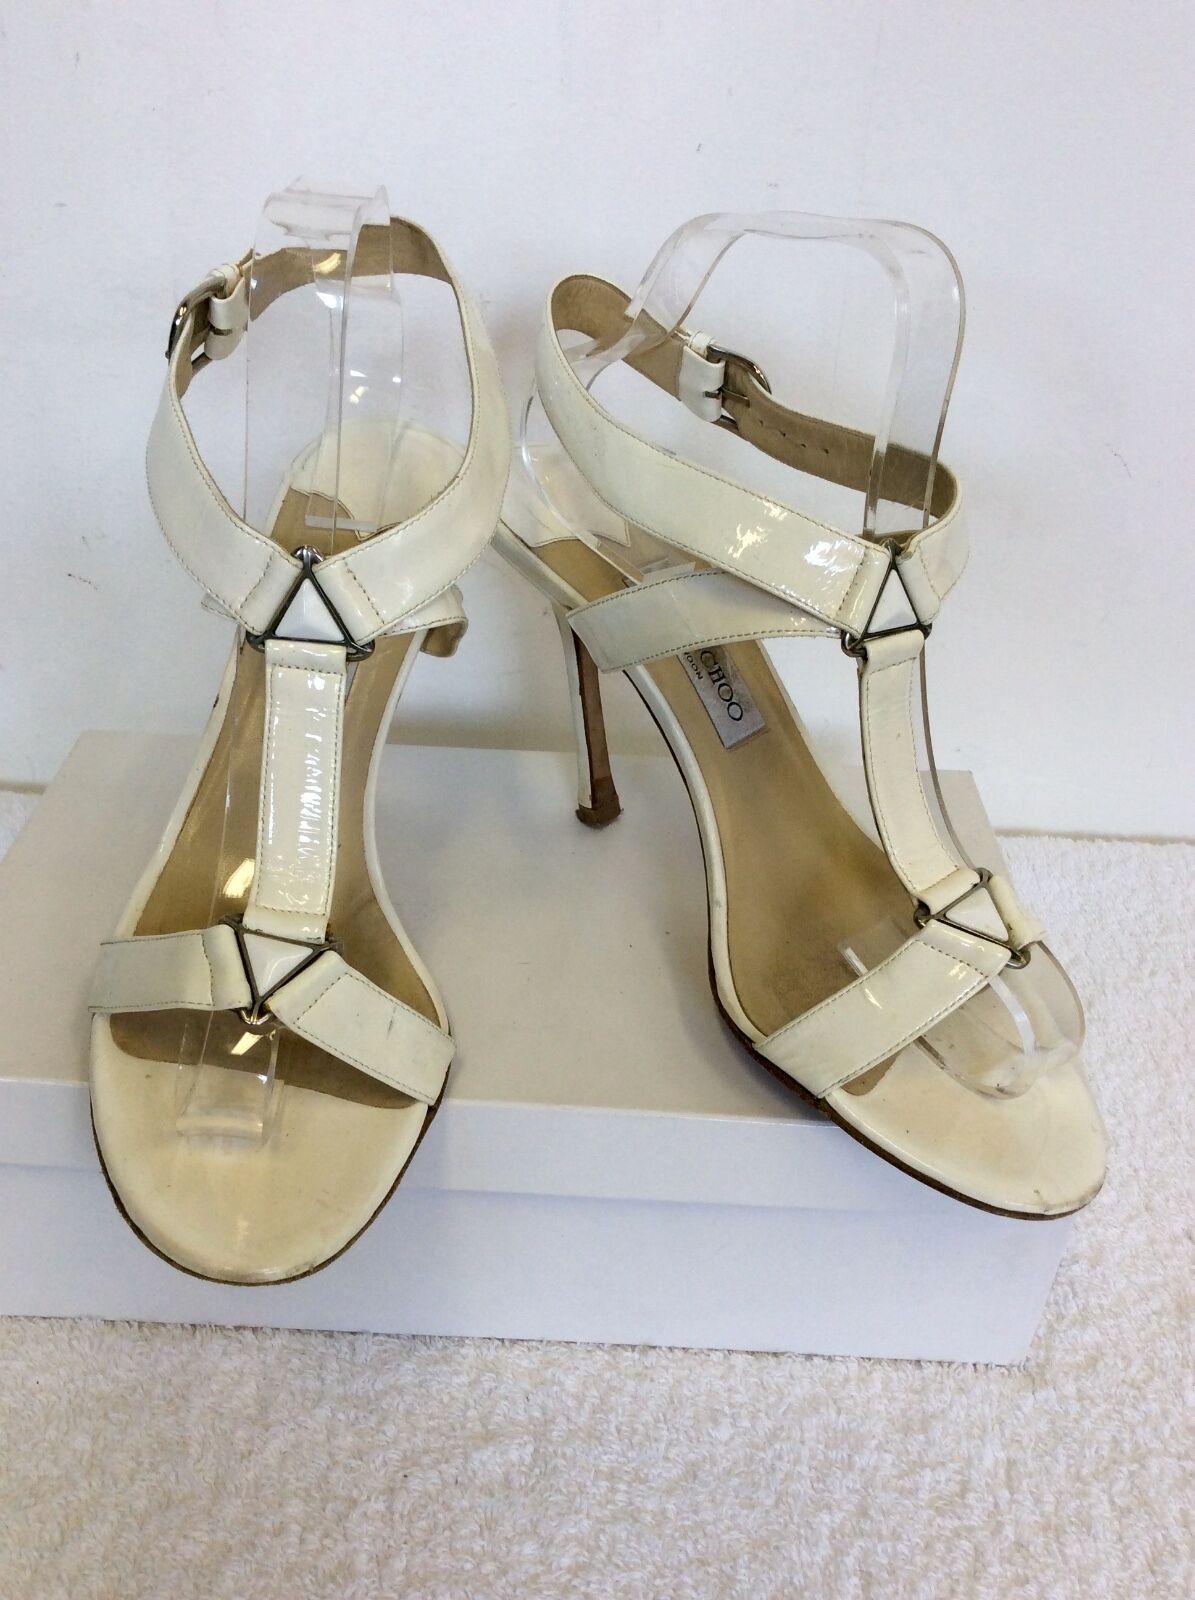 Jimmy CHOO bianco pelle verniciata strappy sandali con tacco misura 7/40.5